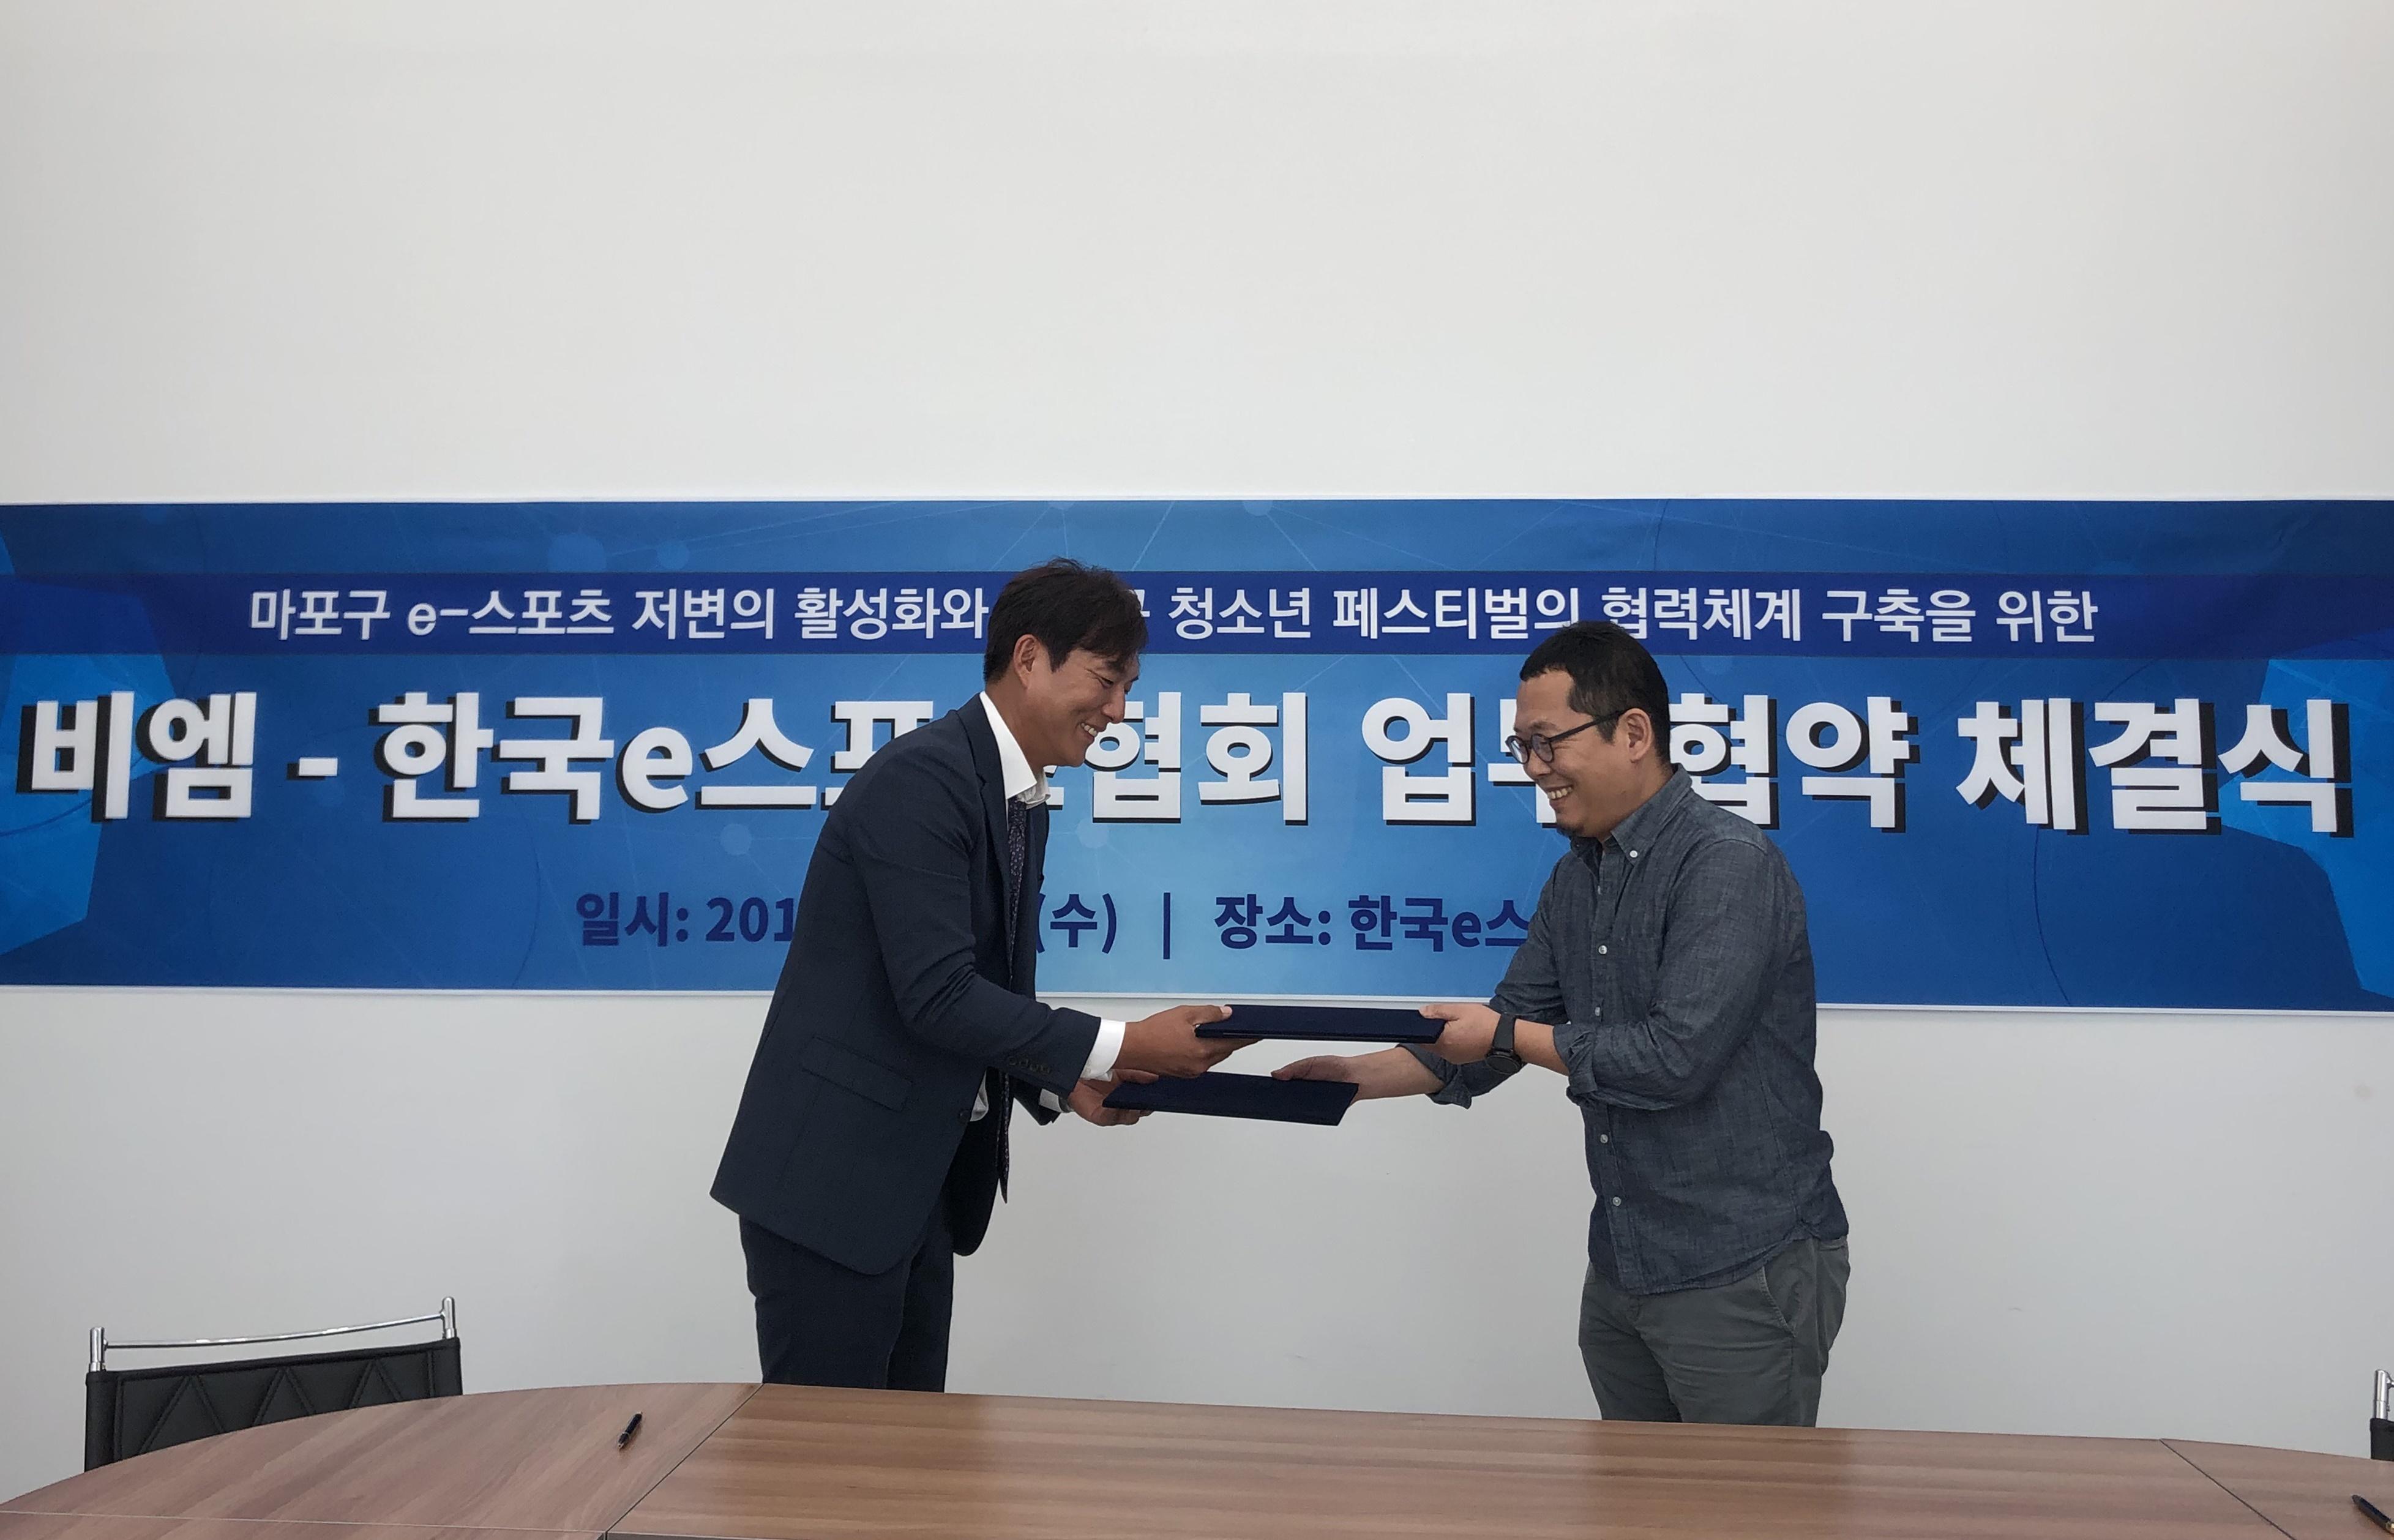 비엠-한국e스포츠협회 업무협약(MOU) 체결(경상일보)